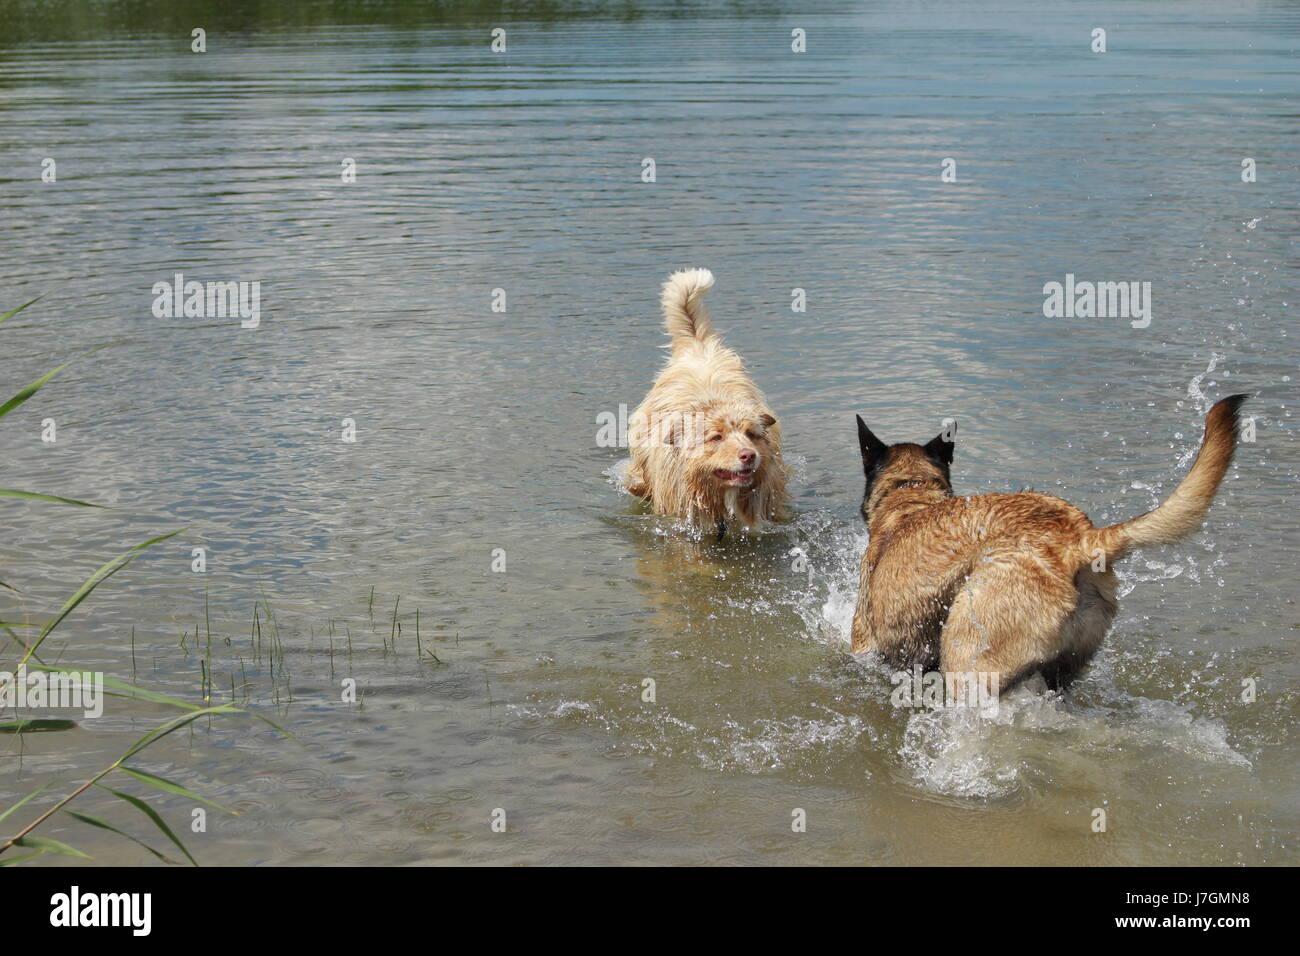 Australian shepherd and Malinois shepherd who jump into the water - Stock Image